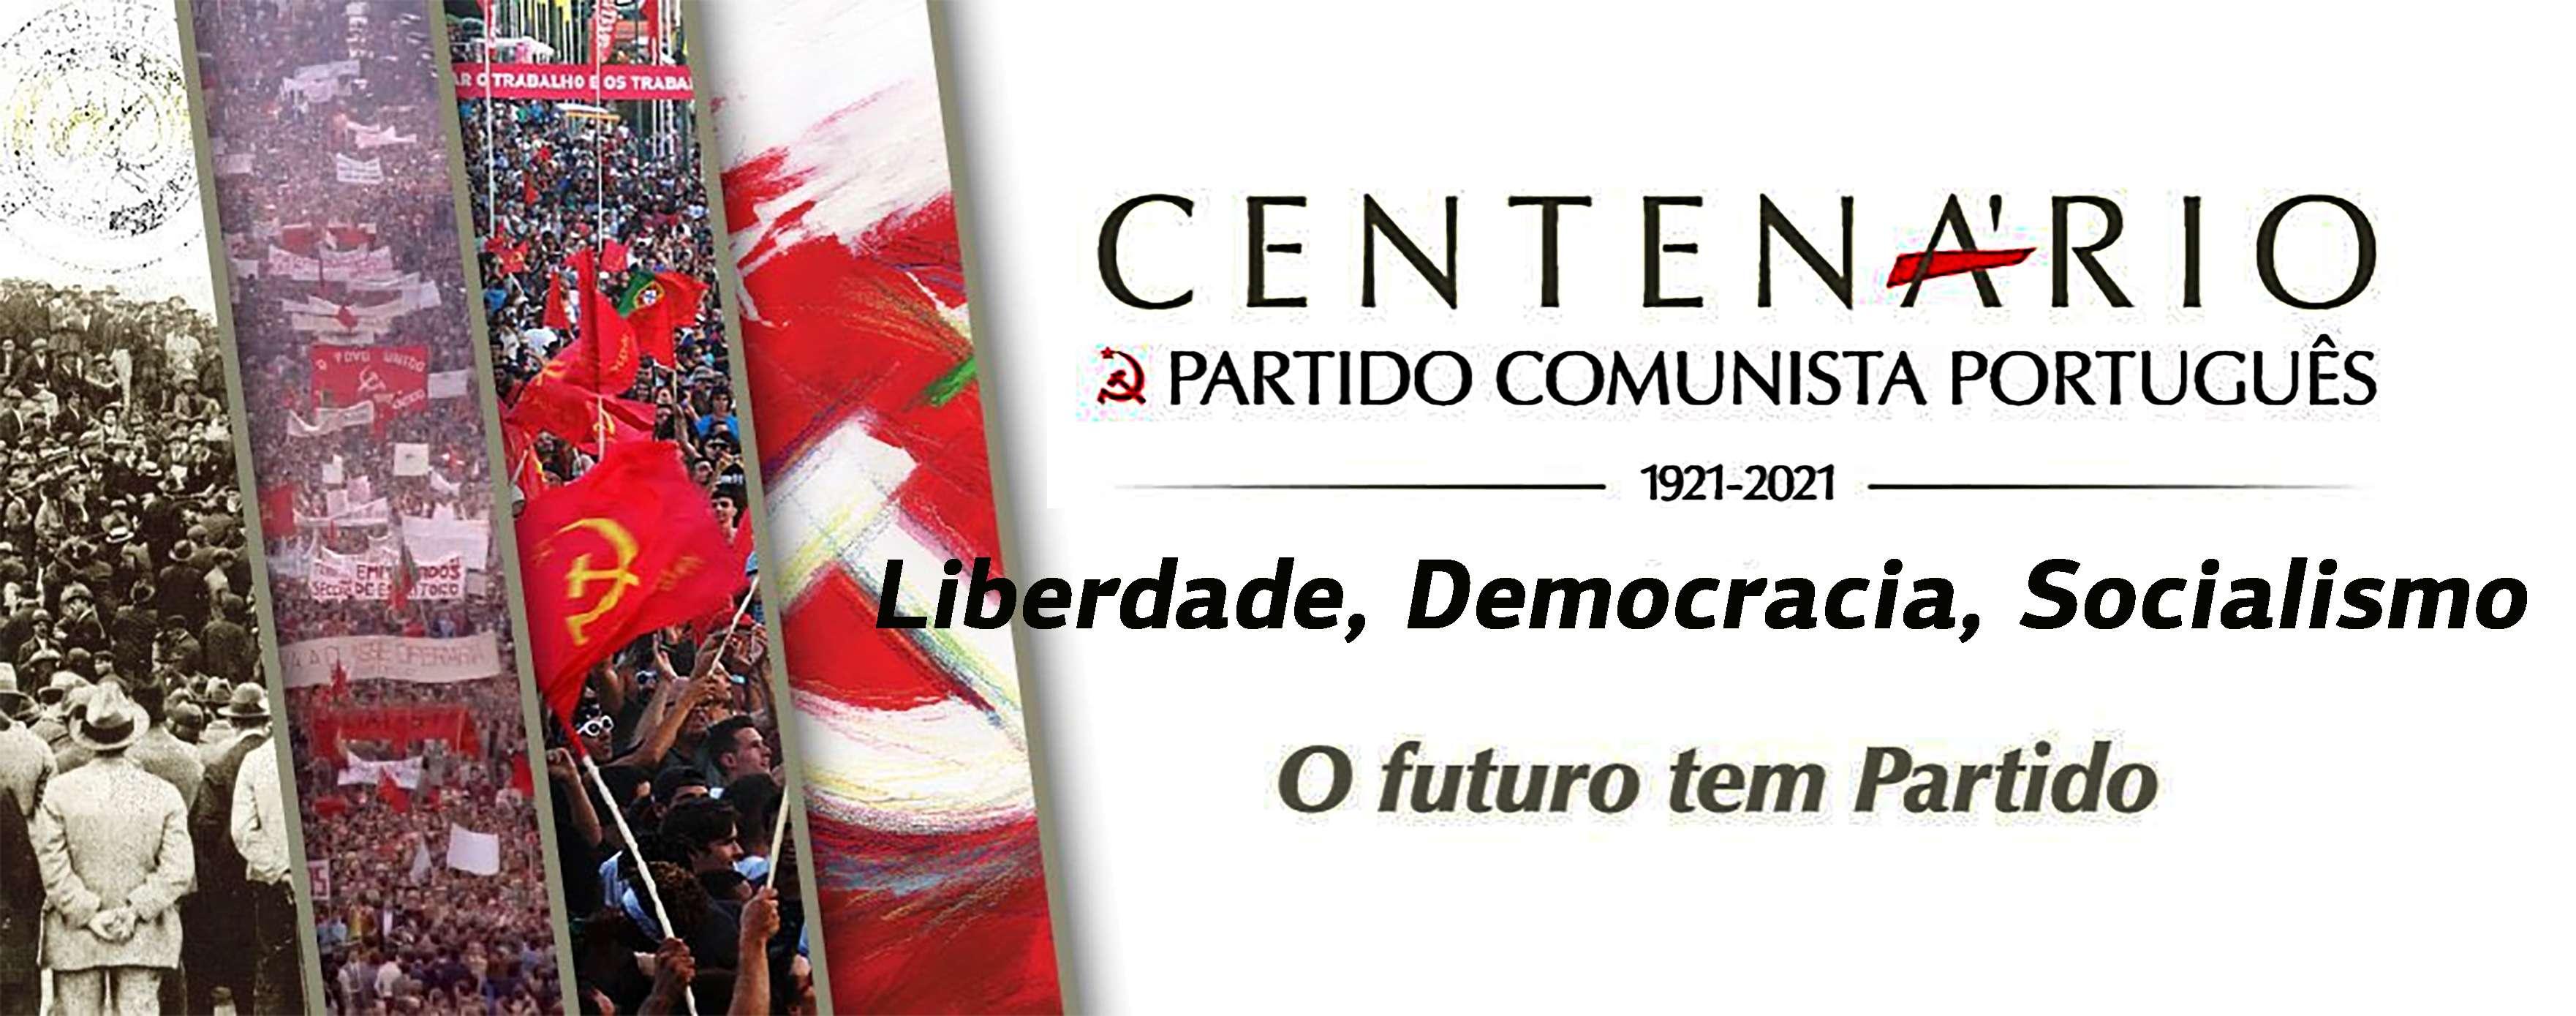 Centenário do Partido Comunista Português Liberdade Democracia Socialismo twitter